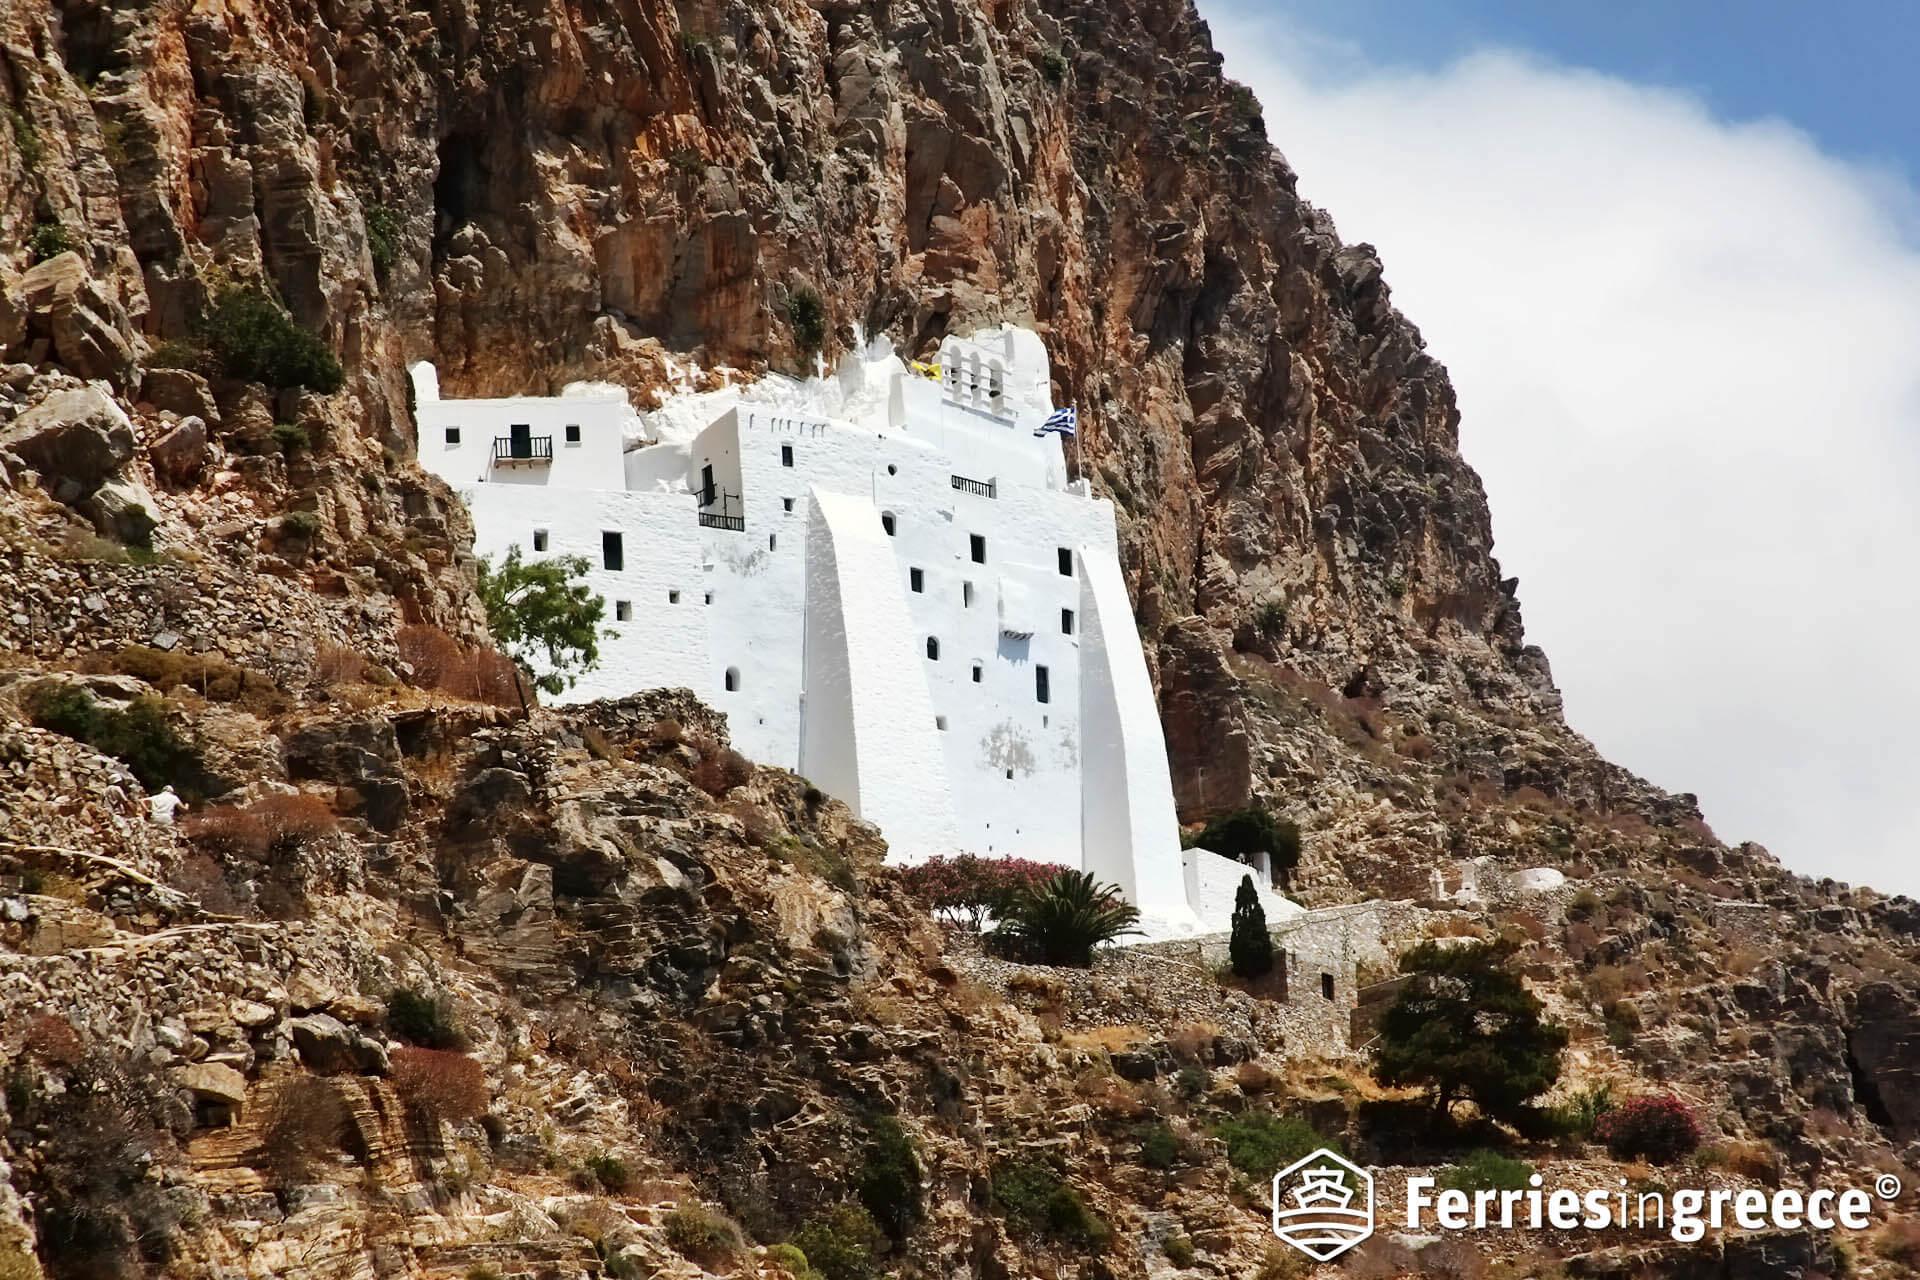 The Monastery of Hozoviotissa, Amorgos, Greece